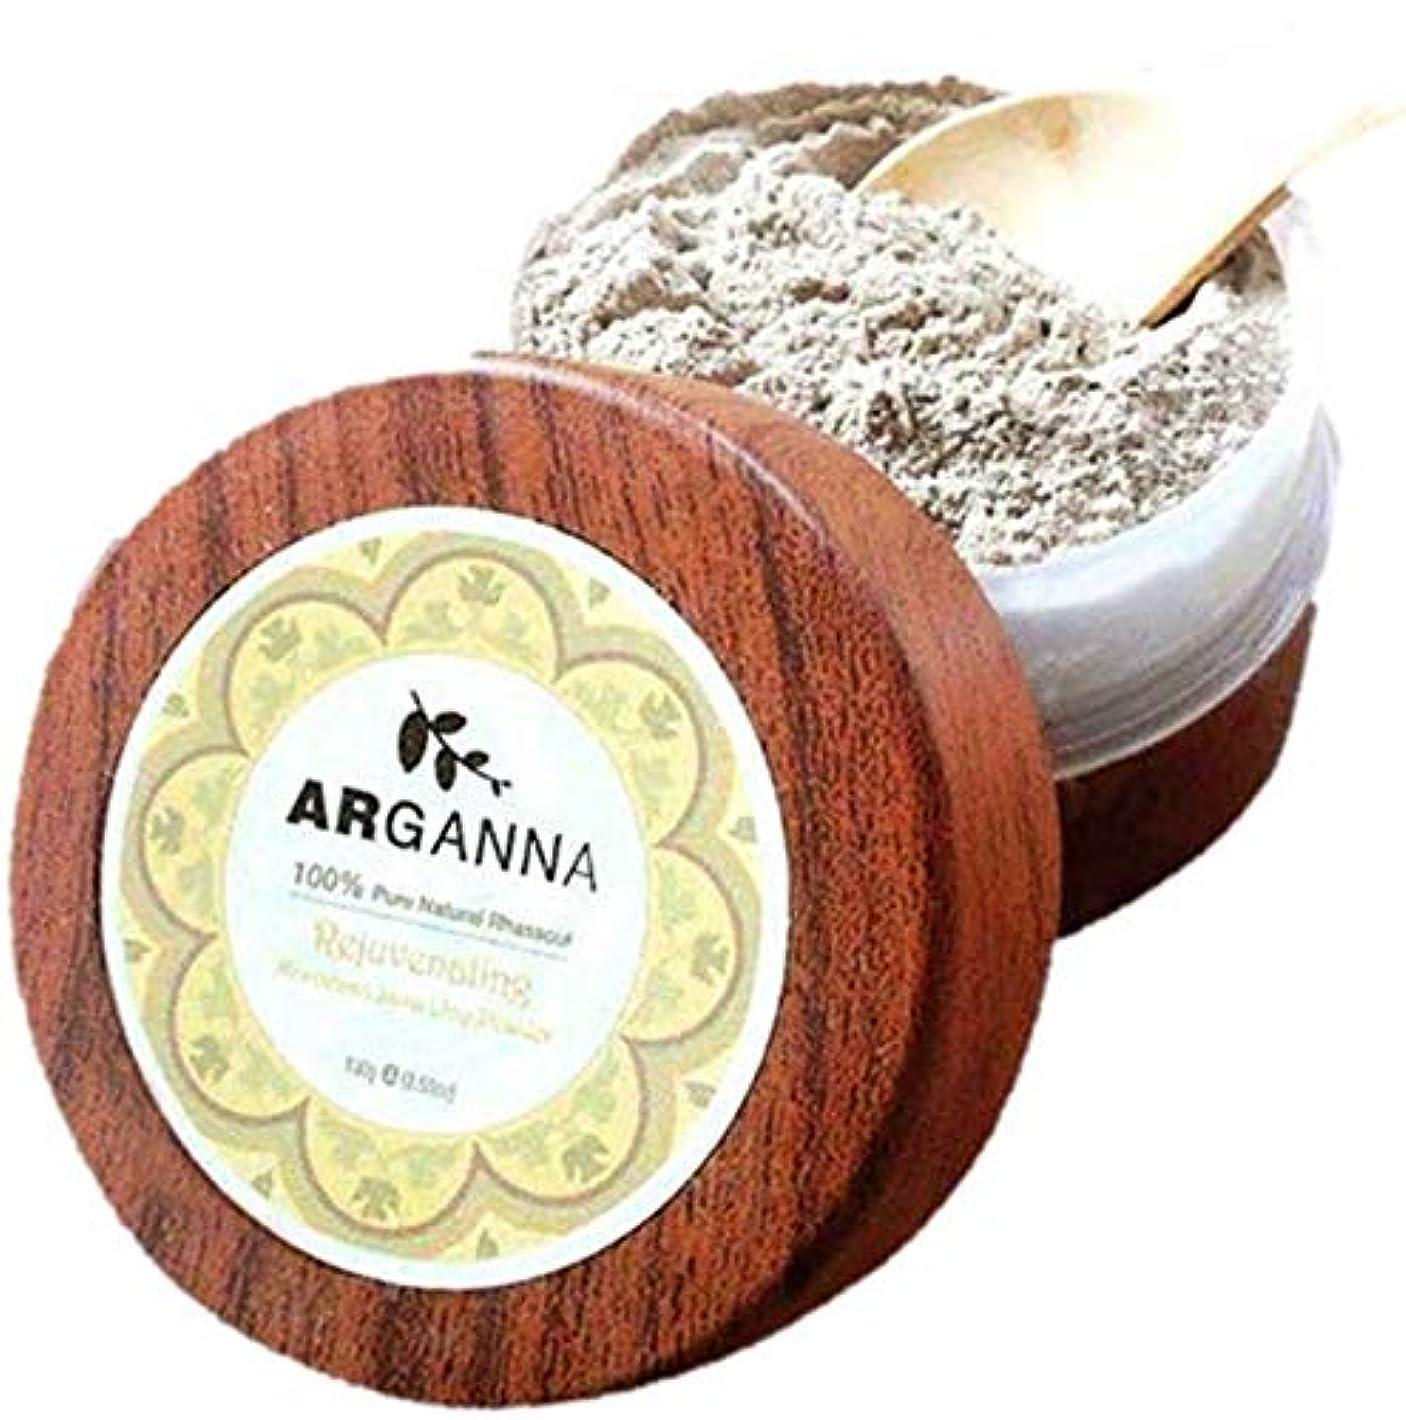 機知に富んだ先行する太字Arganna(アルガンナ) モロッカン 溶岩粘土フェイスマスク [フェイスパック マットパック 泥パック][並行輸入]